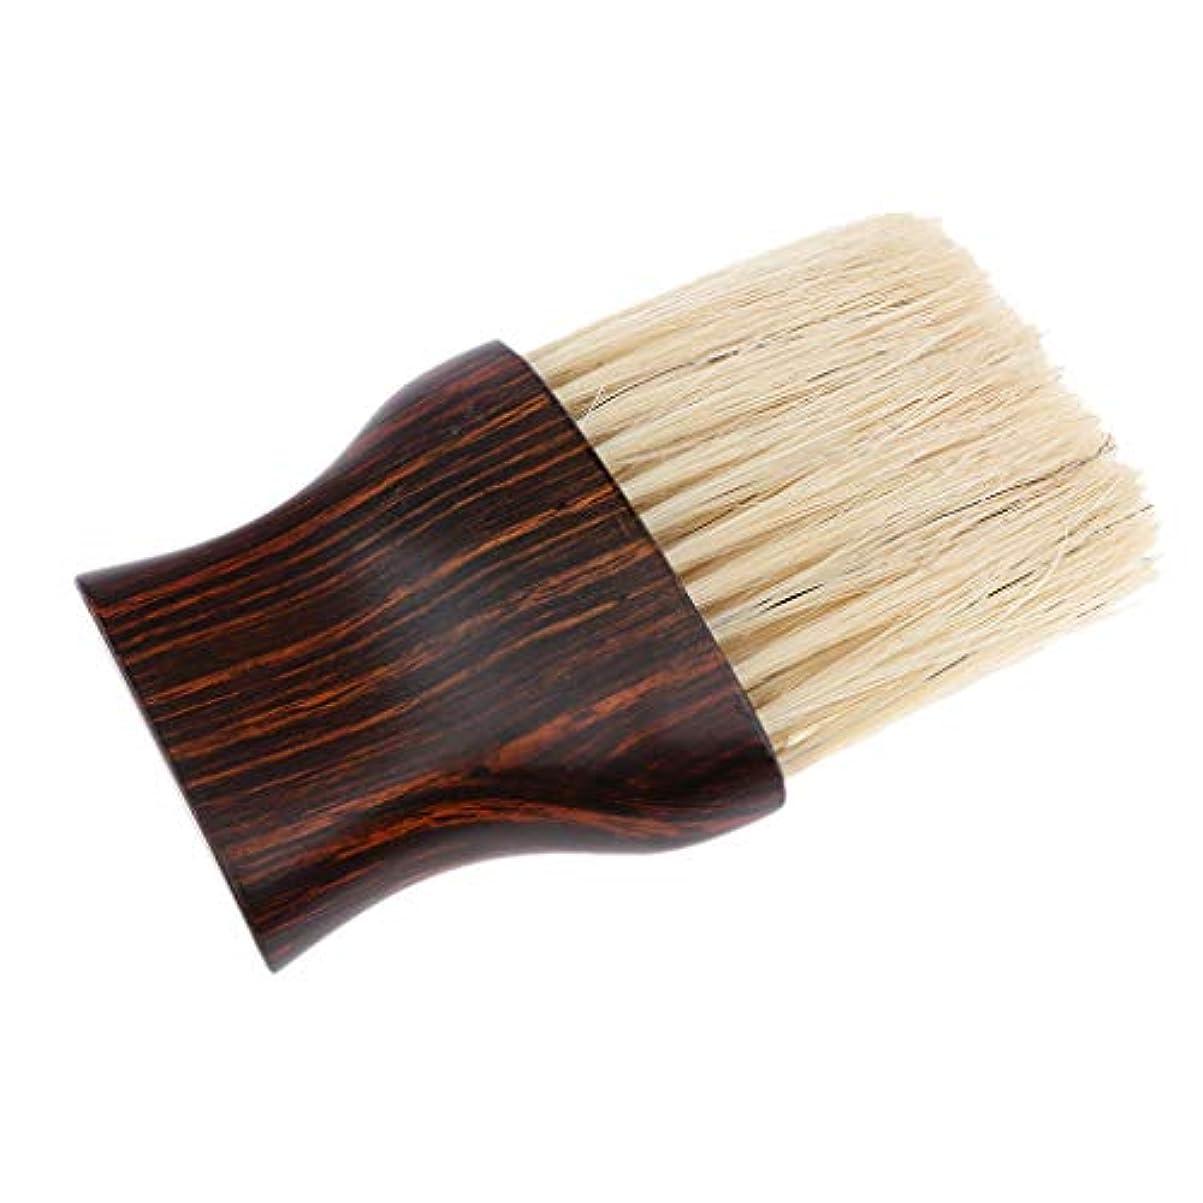 不注意高架短命ネックダスターブラシ ヘアカットブラシ クリーニング ヘアブラシ 理髪美容ツール